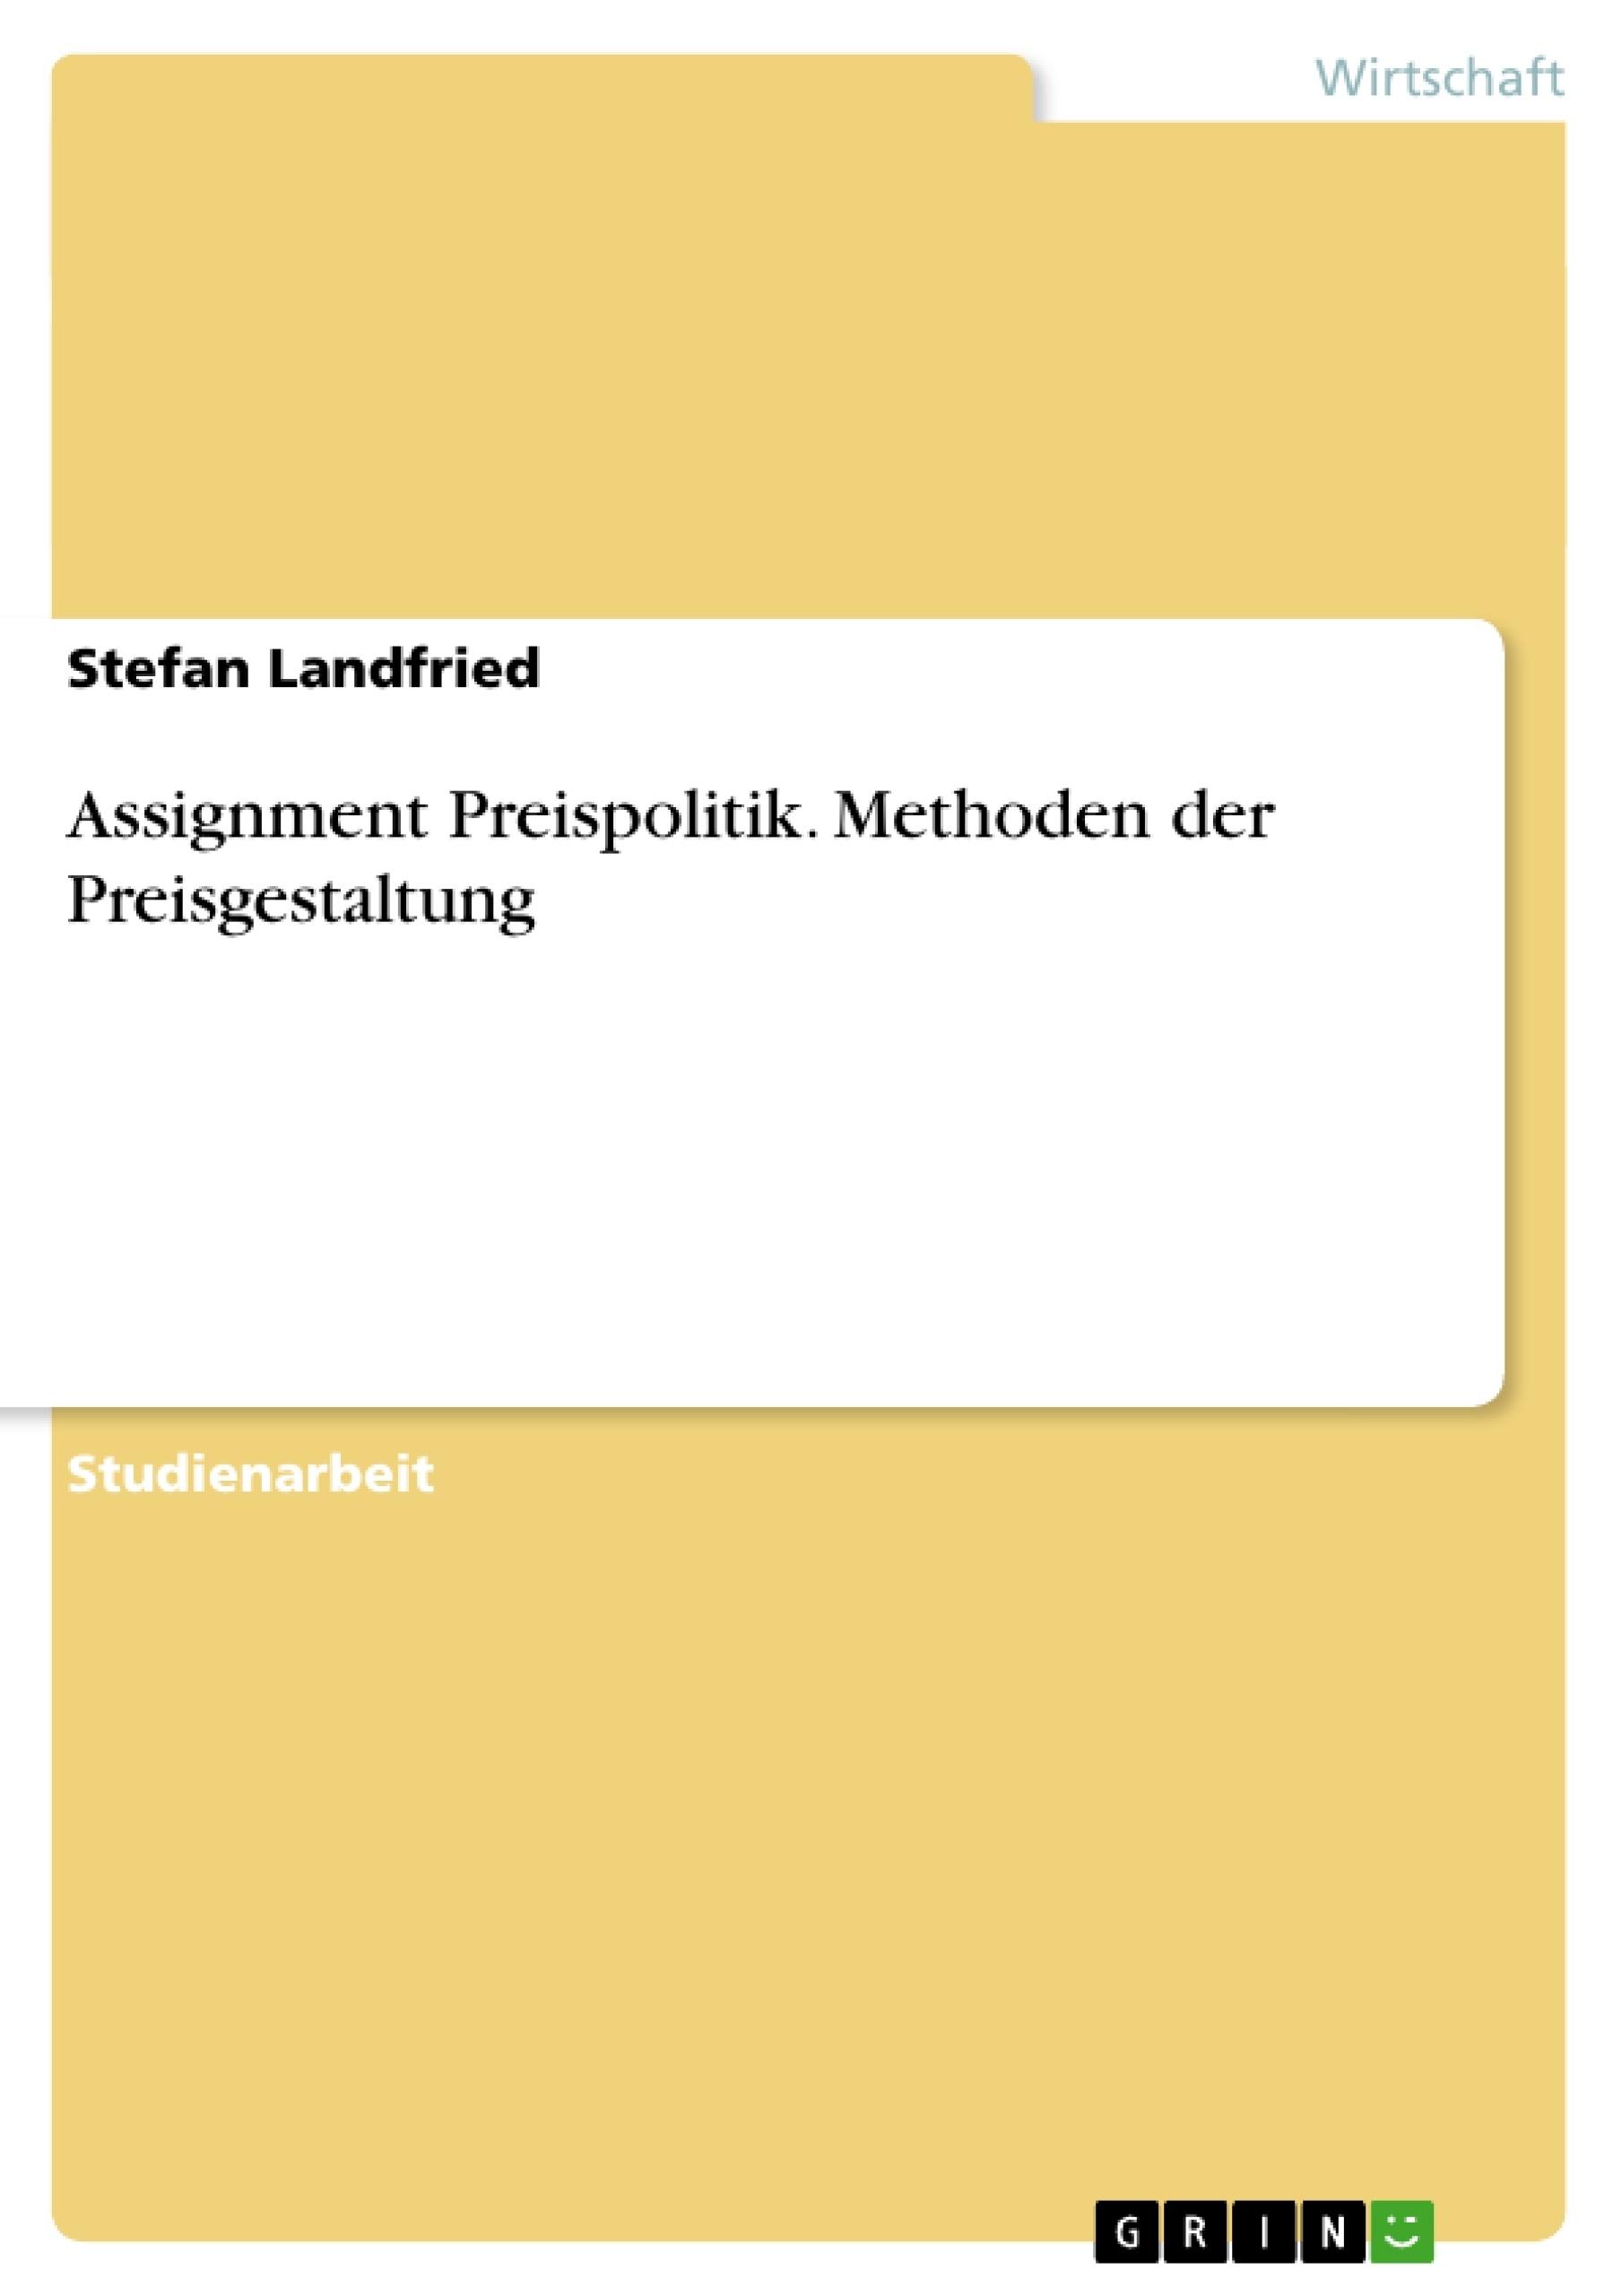 Titel: Assignment Preispolitik. Methoden der Preisgestaltung